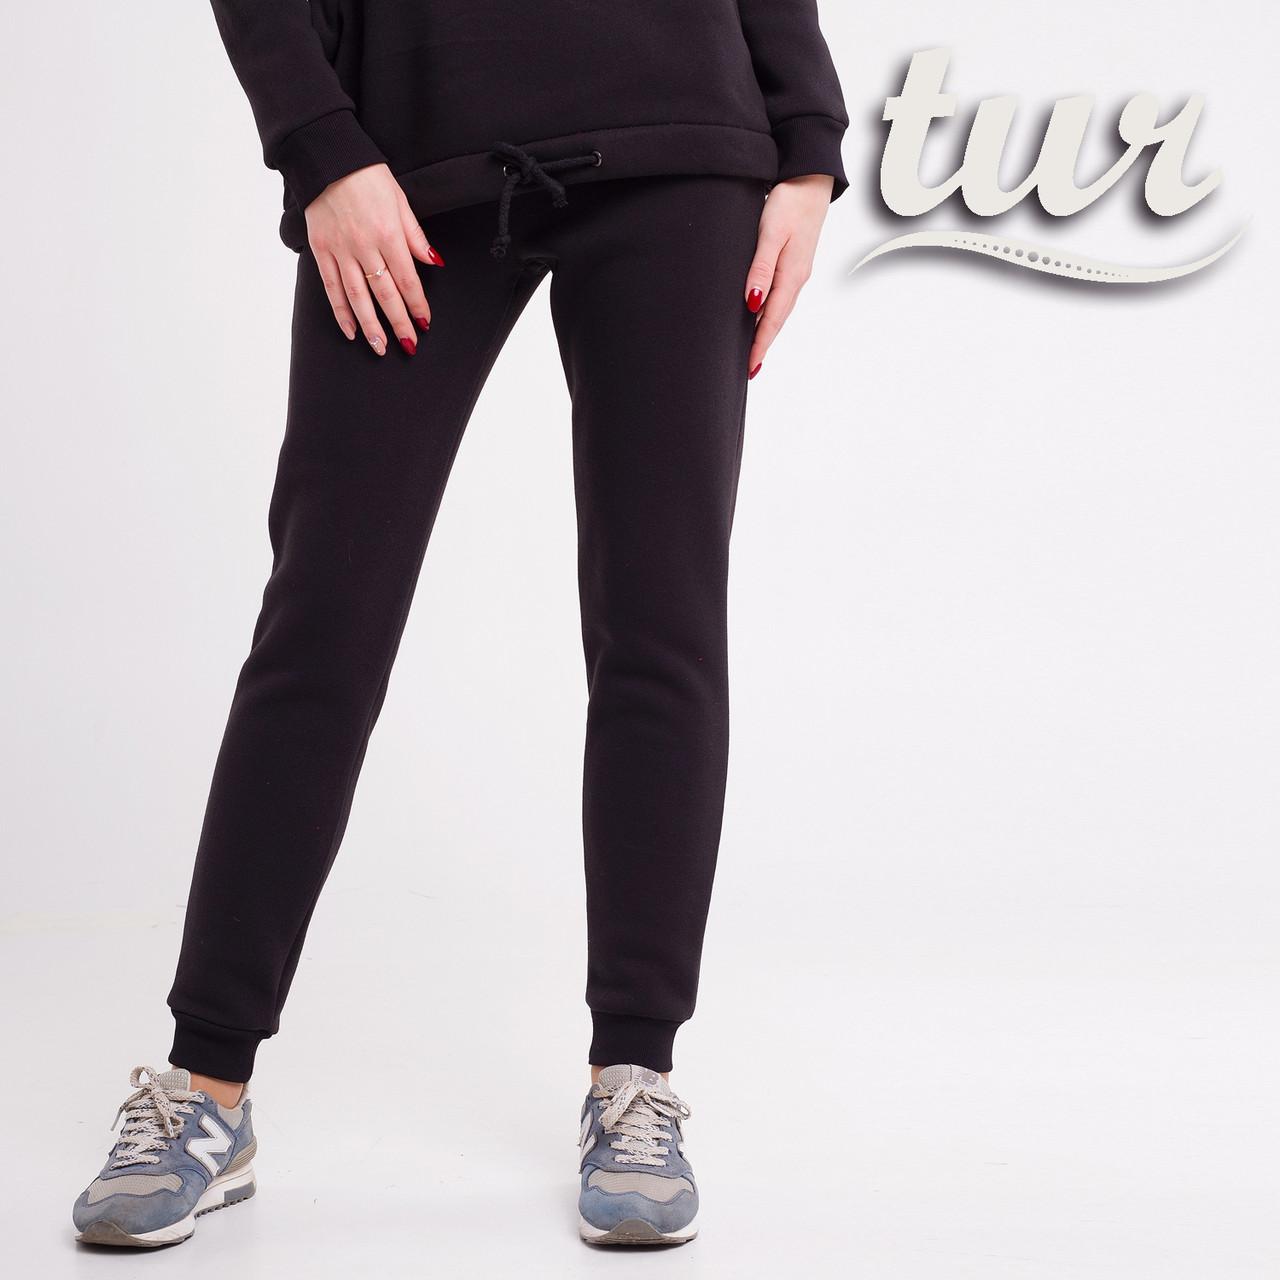 Зимнее спортивные штаны женские черные от бренда ТУР размер S, M